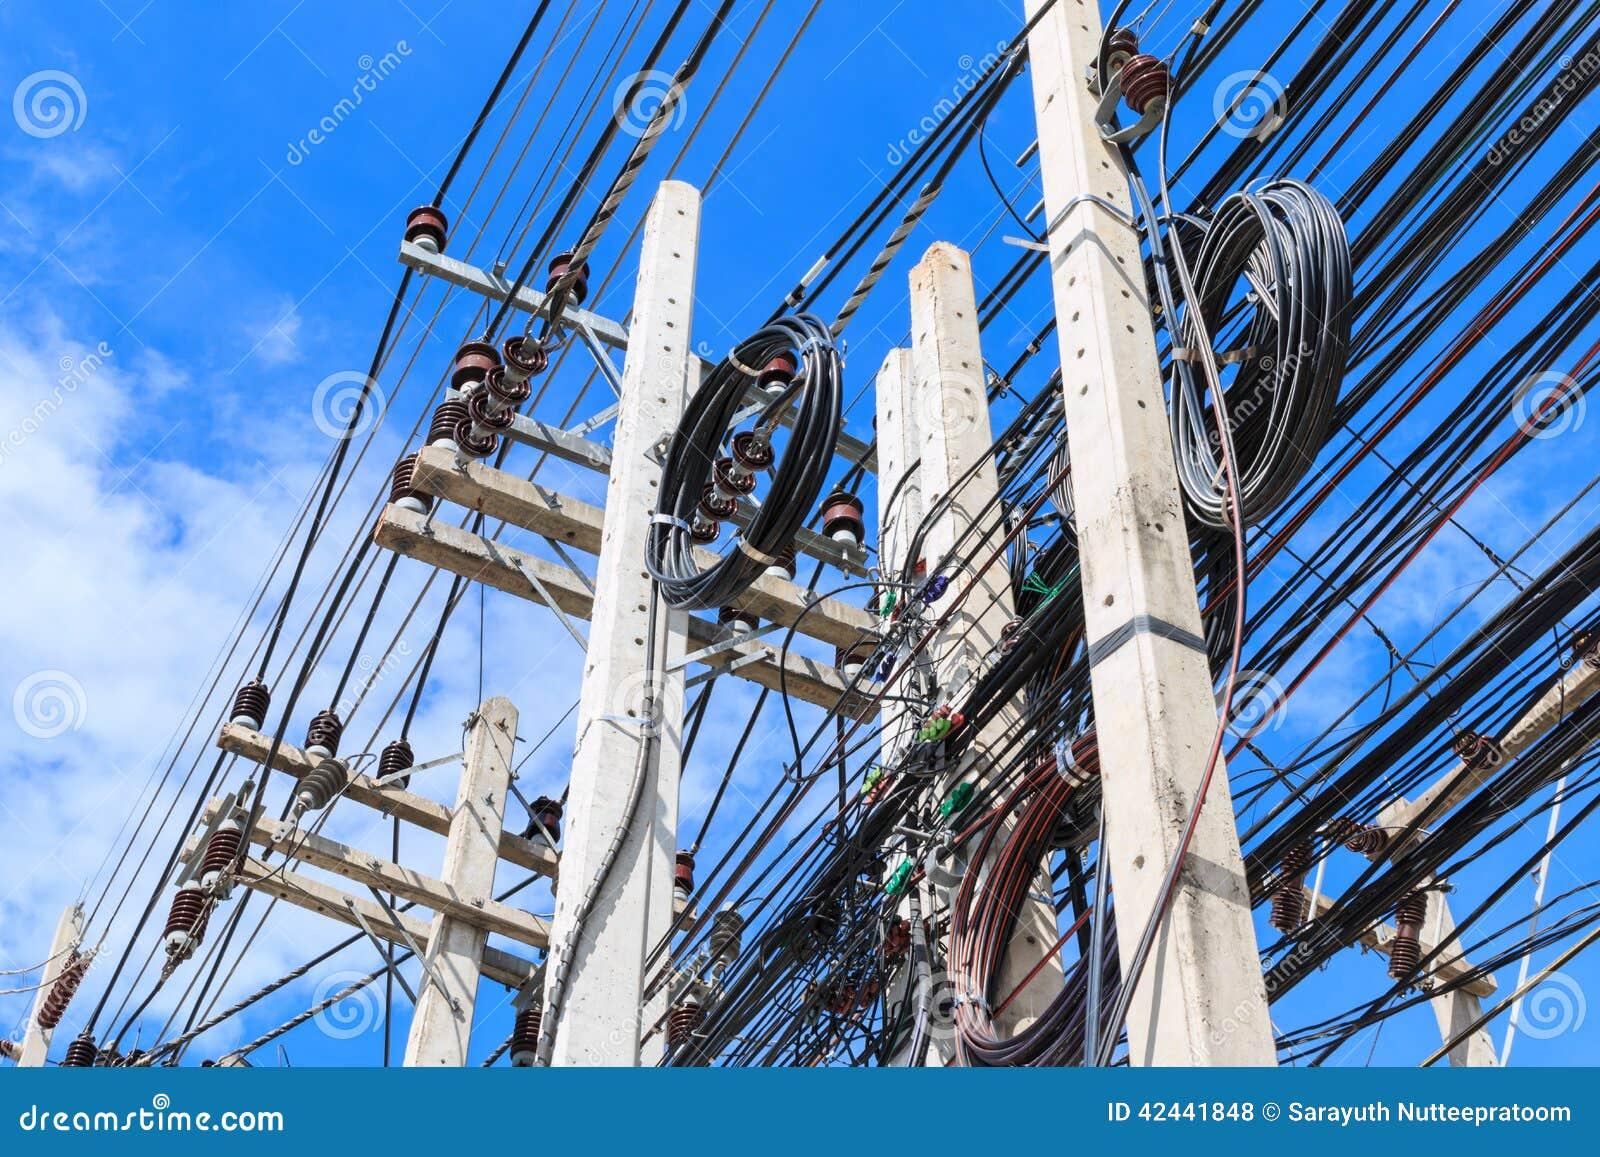 Caos de cables y de alambres en Pattaya